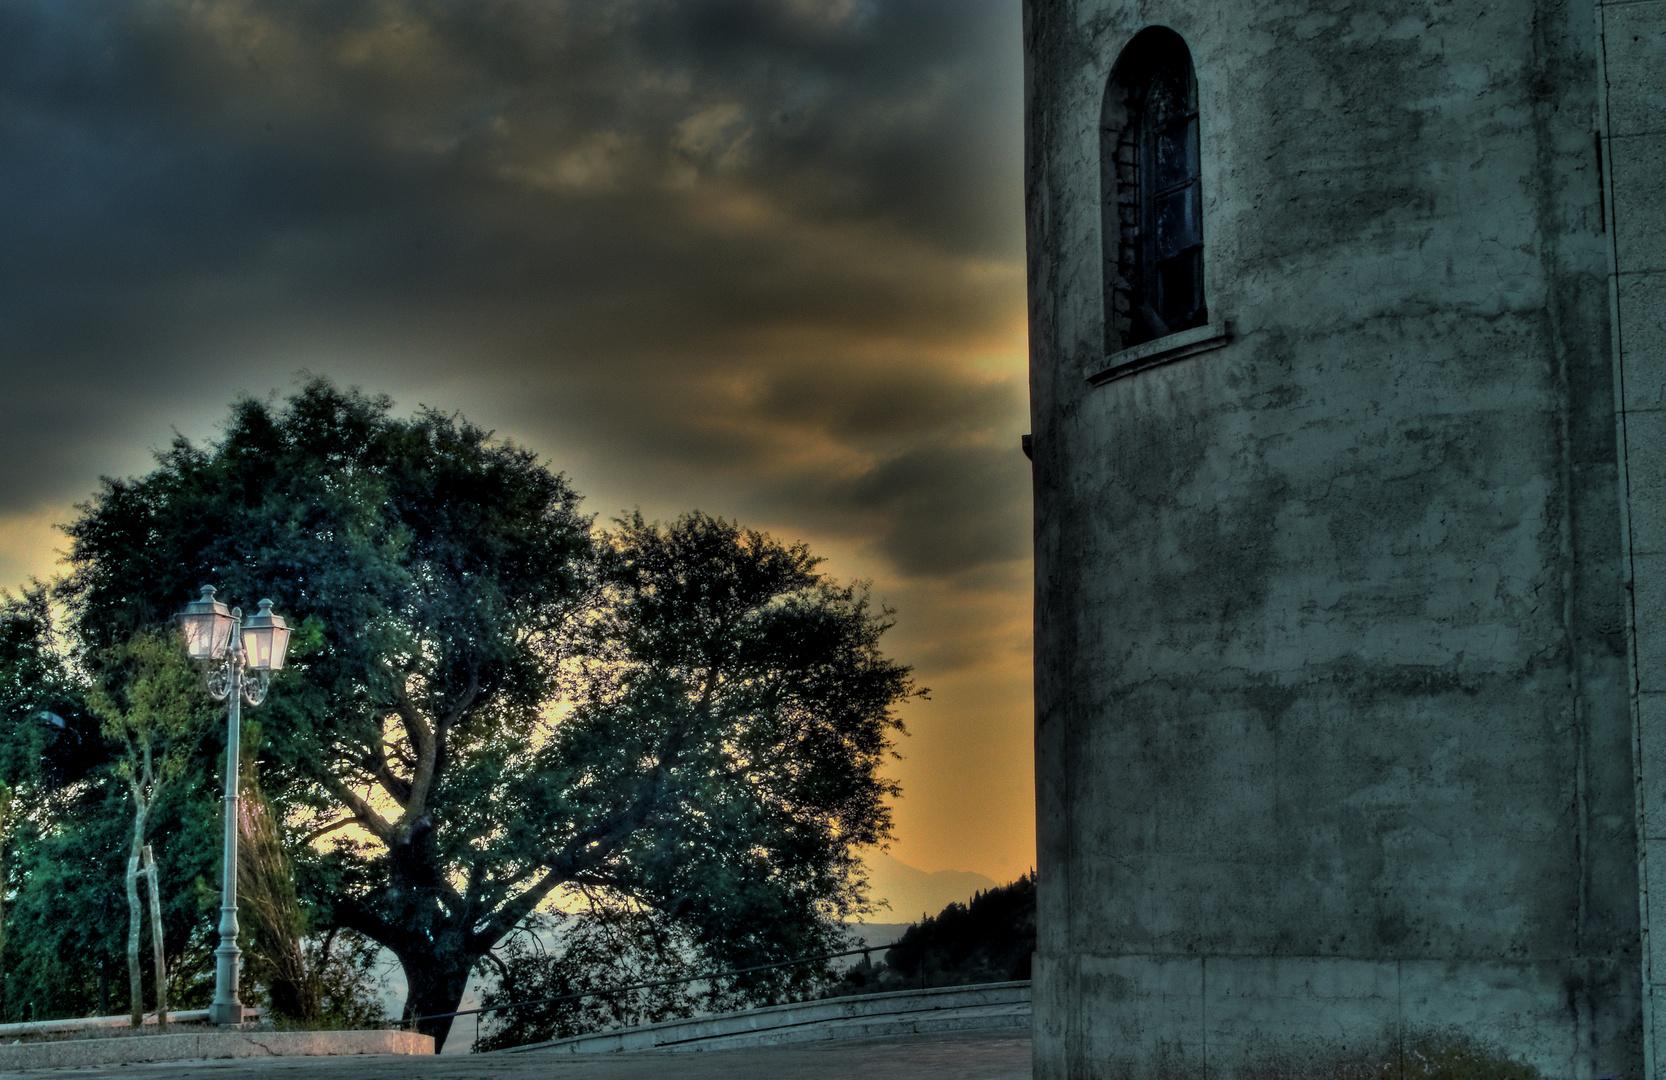 Chiesa di Santa Maria a Vallata (Avellino)